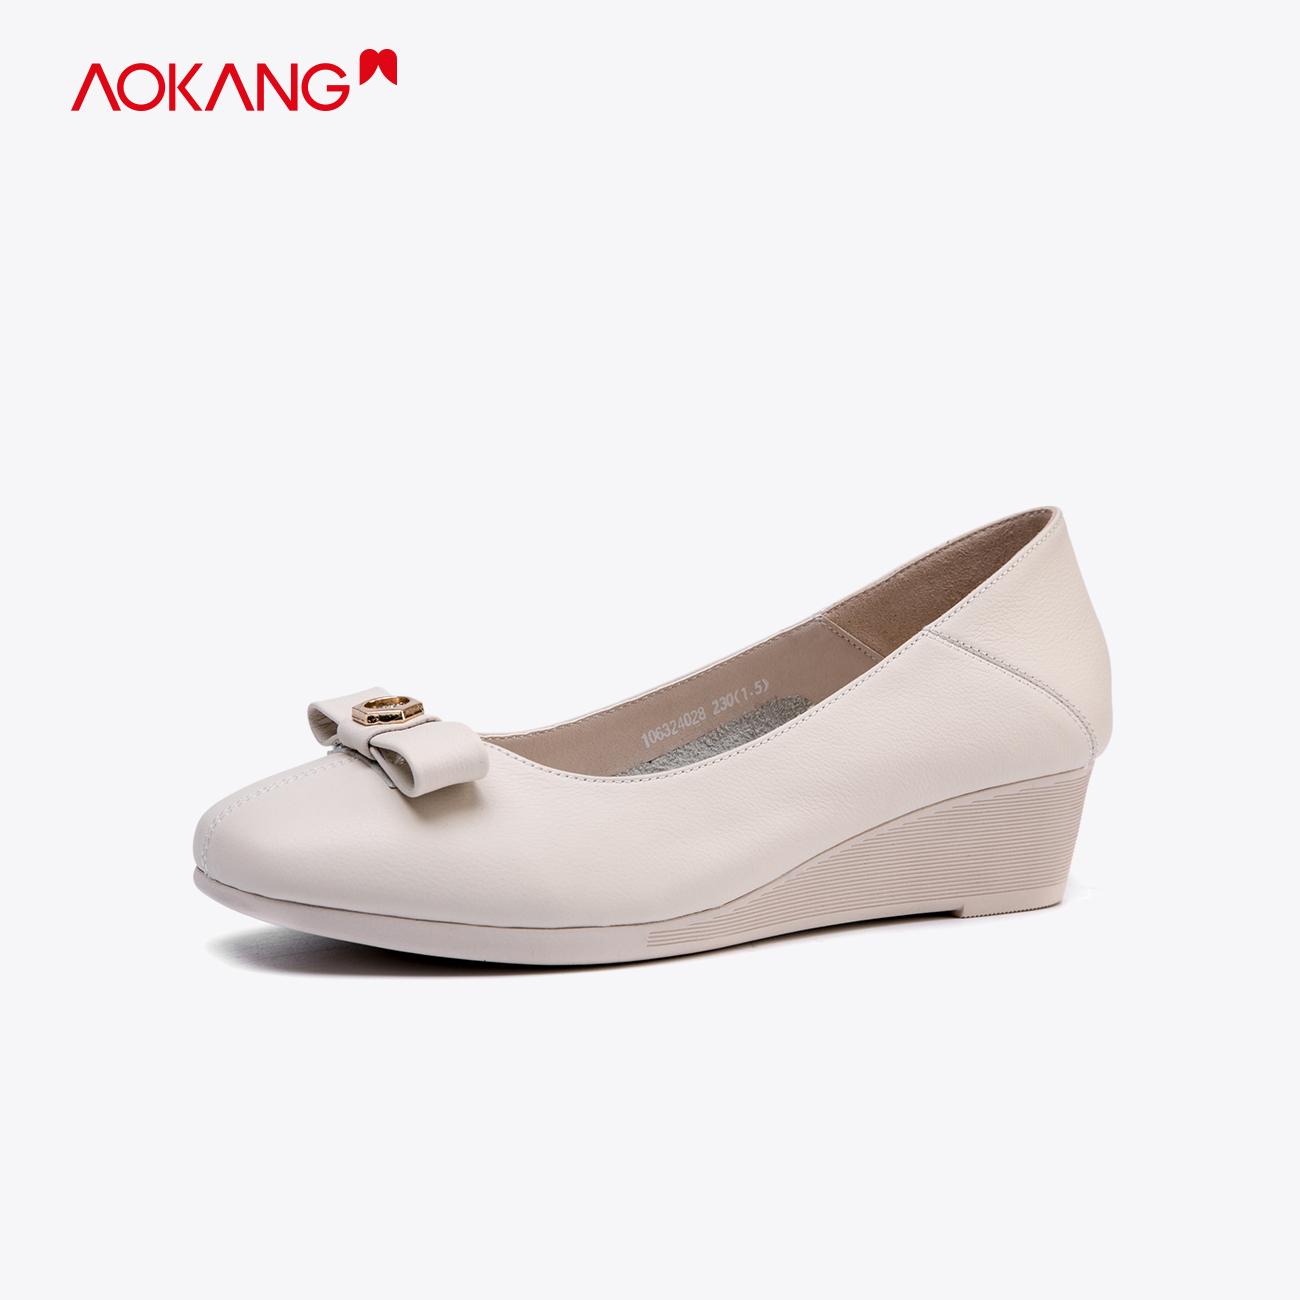 奥康2020春新型女性ファッション韓国版牛革の円頭坡と浅口カジュアル単靴